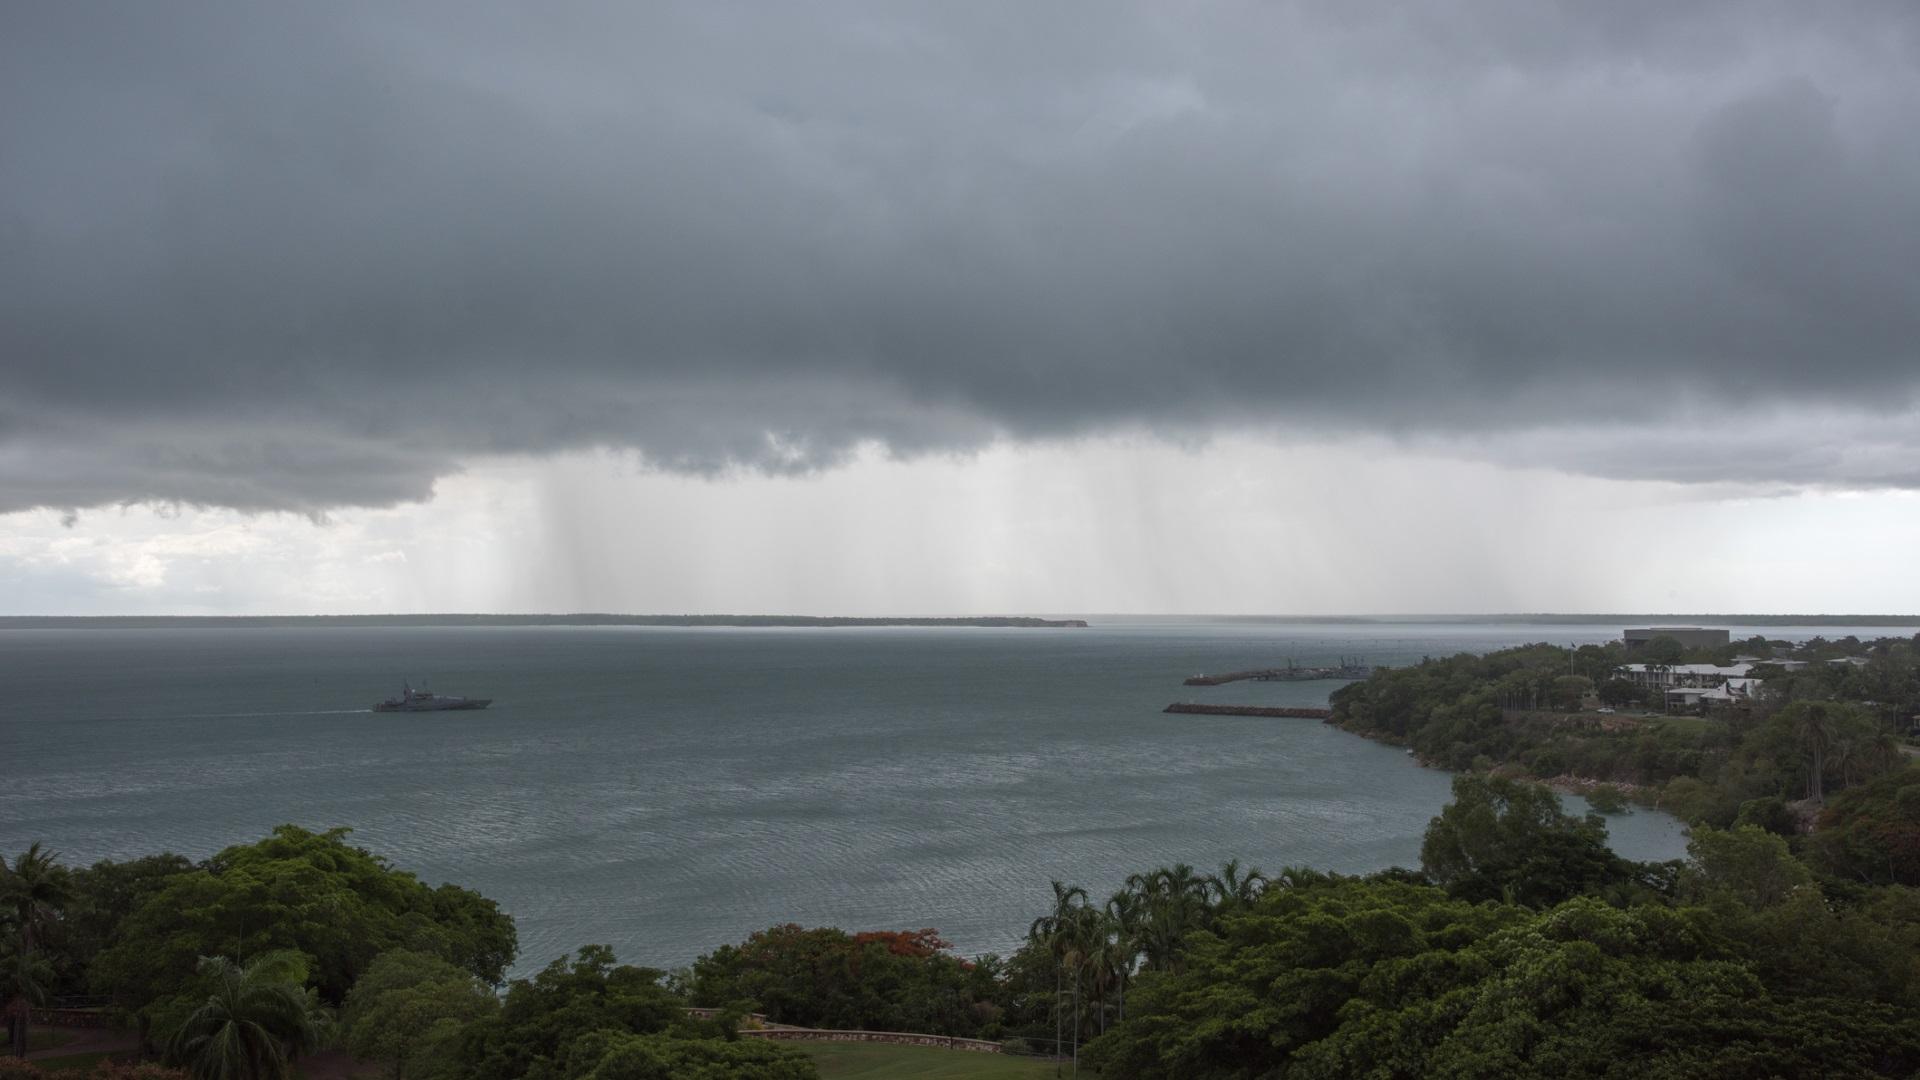 Облакът, който се появява всеки следобед<br /> <br /> Всяка година от септември до март, всеки следобед буреносен облак, на име Хектор се формира над островите Тиви в Австралия. Хектор е една от най-постоянните гръмотевични бури. Кърстена е на пилот от Втората световна война и е обект много метеорологични изследвания. Все още обаче няма обяснение защо бурята продължава да се появява.